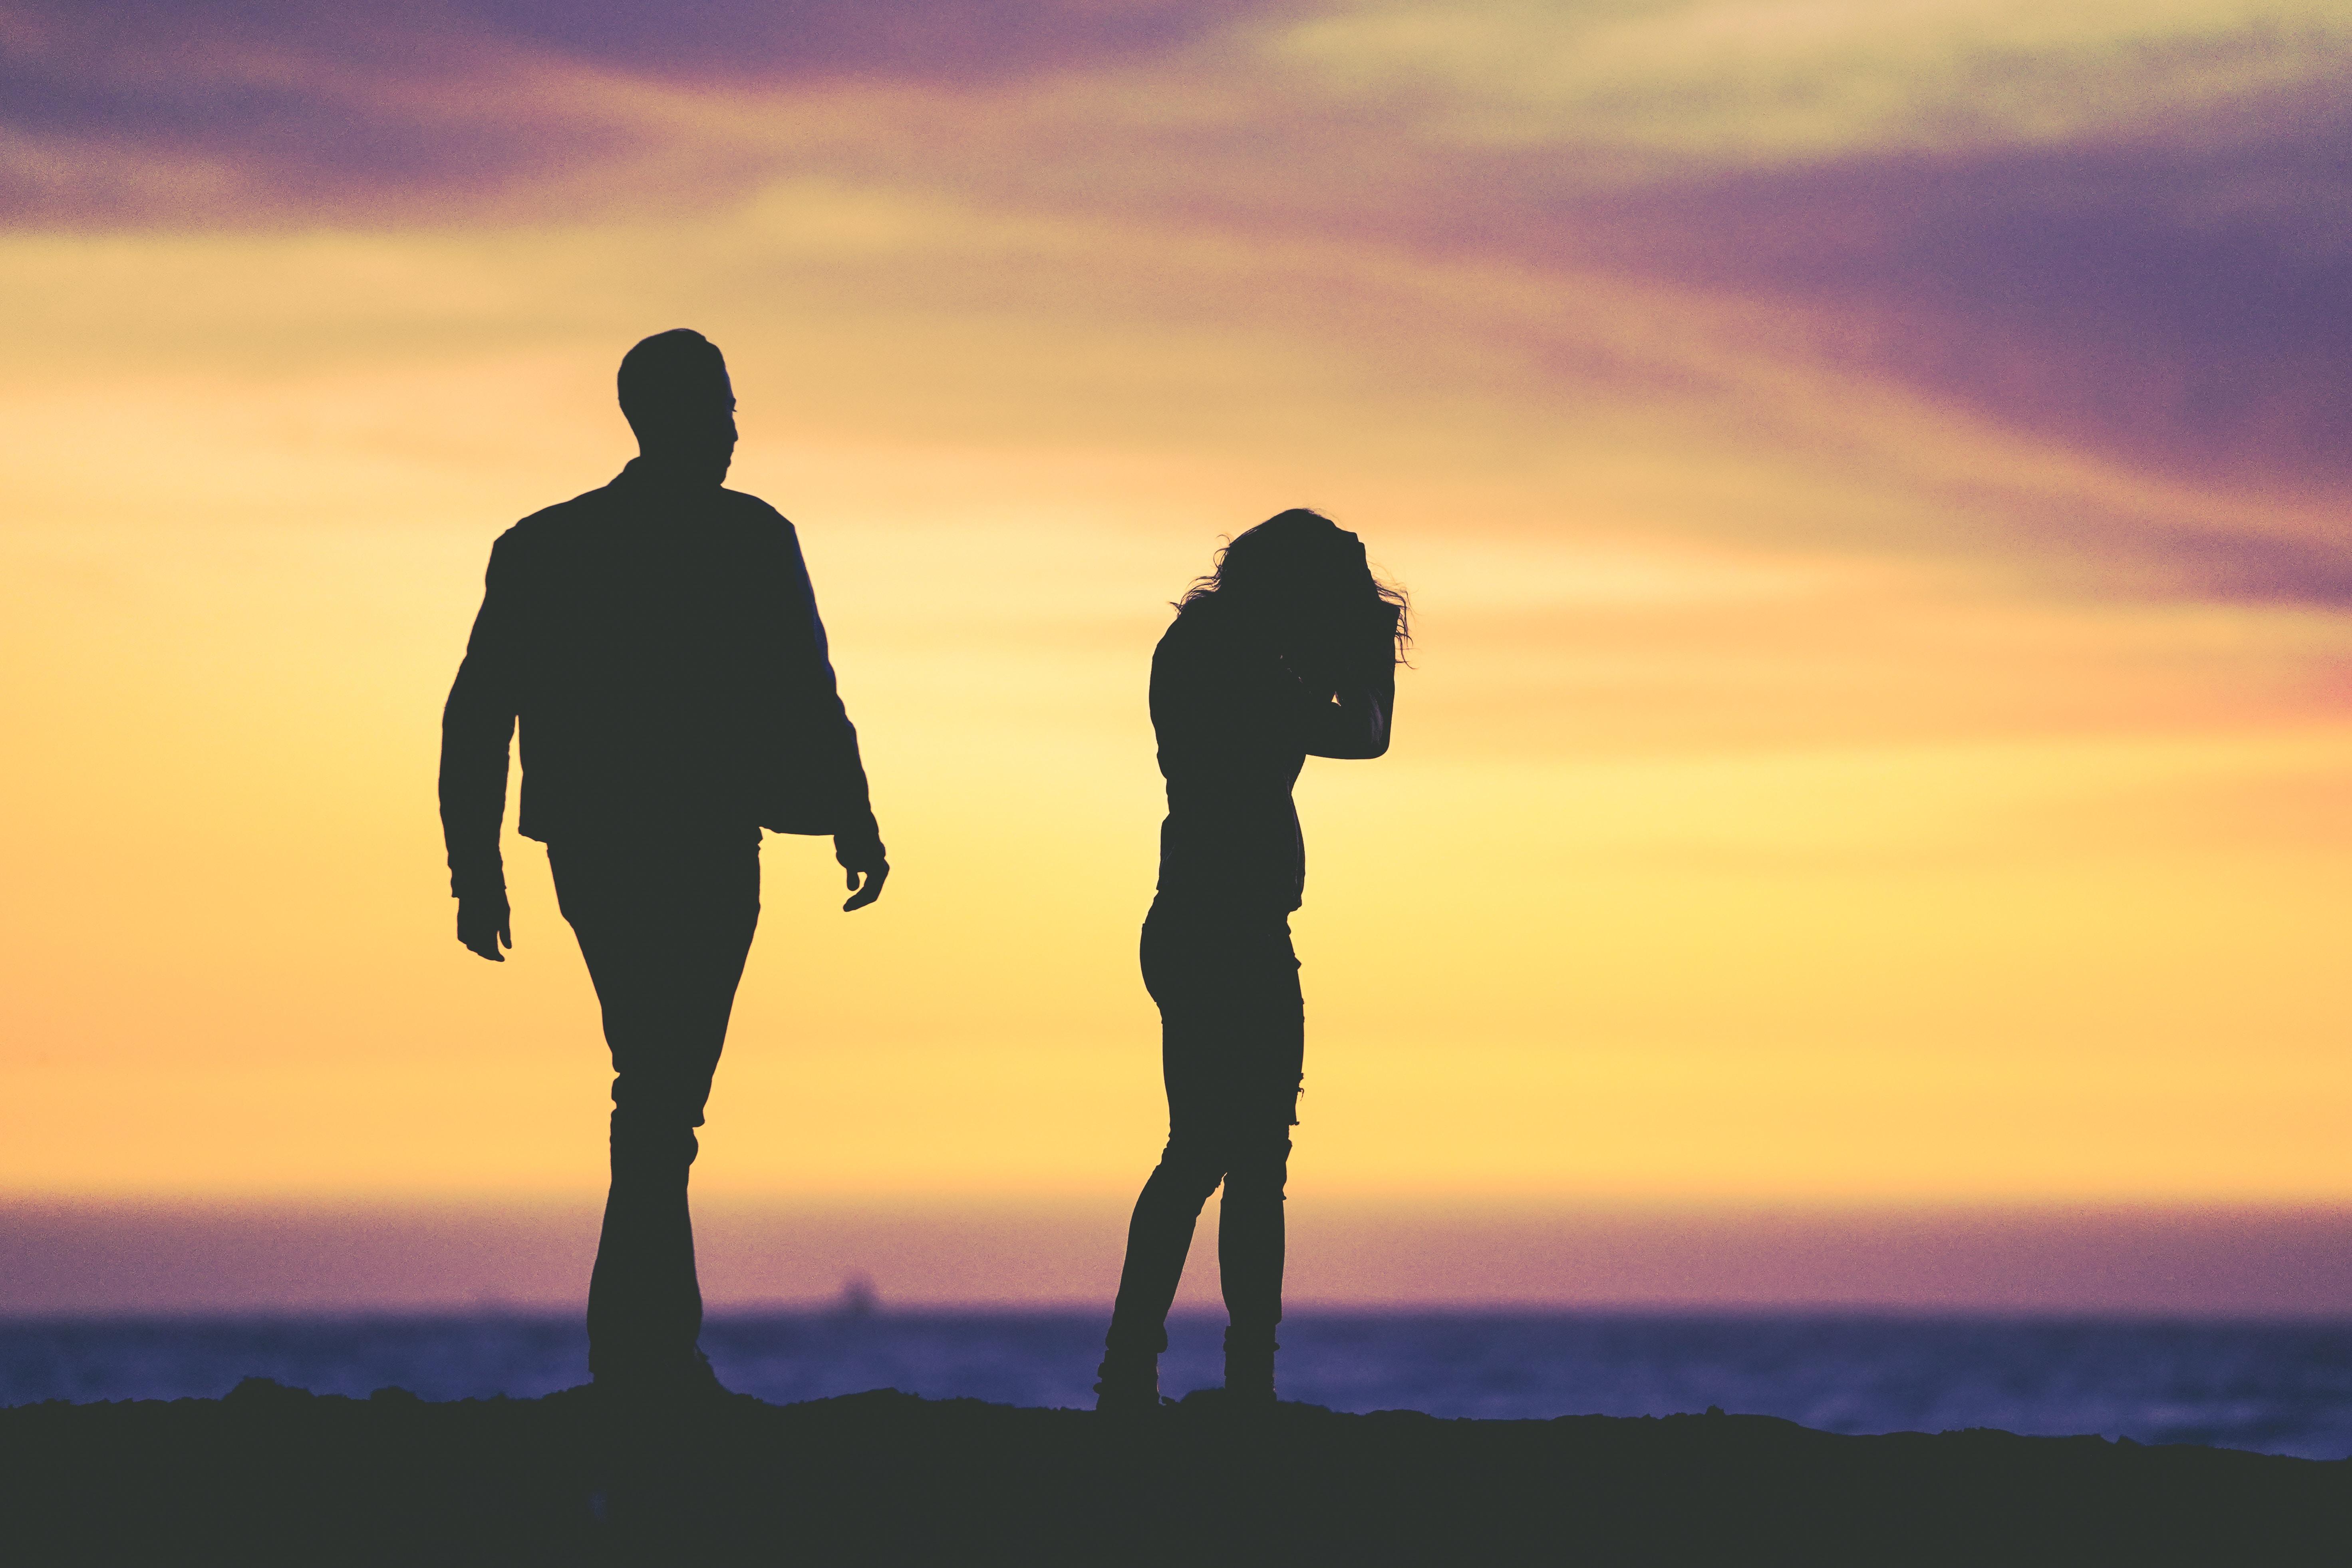 homme femme ombres coucher de soleil